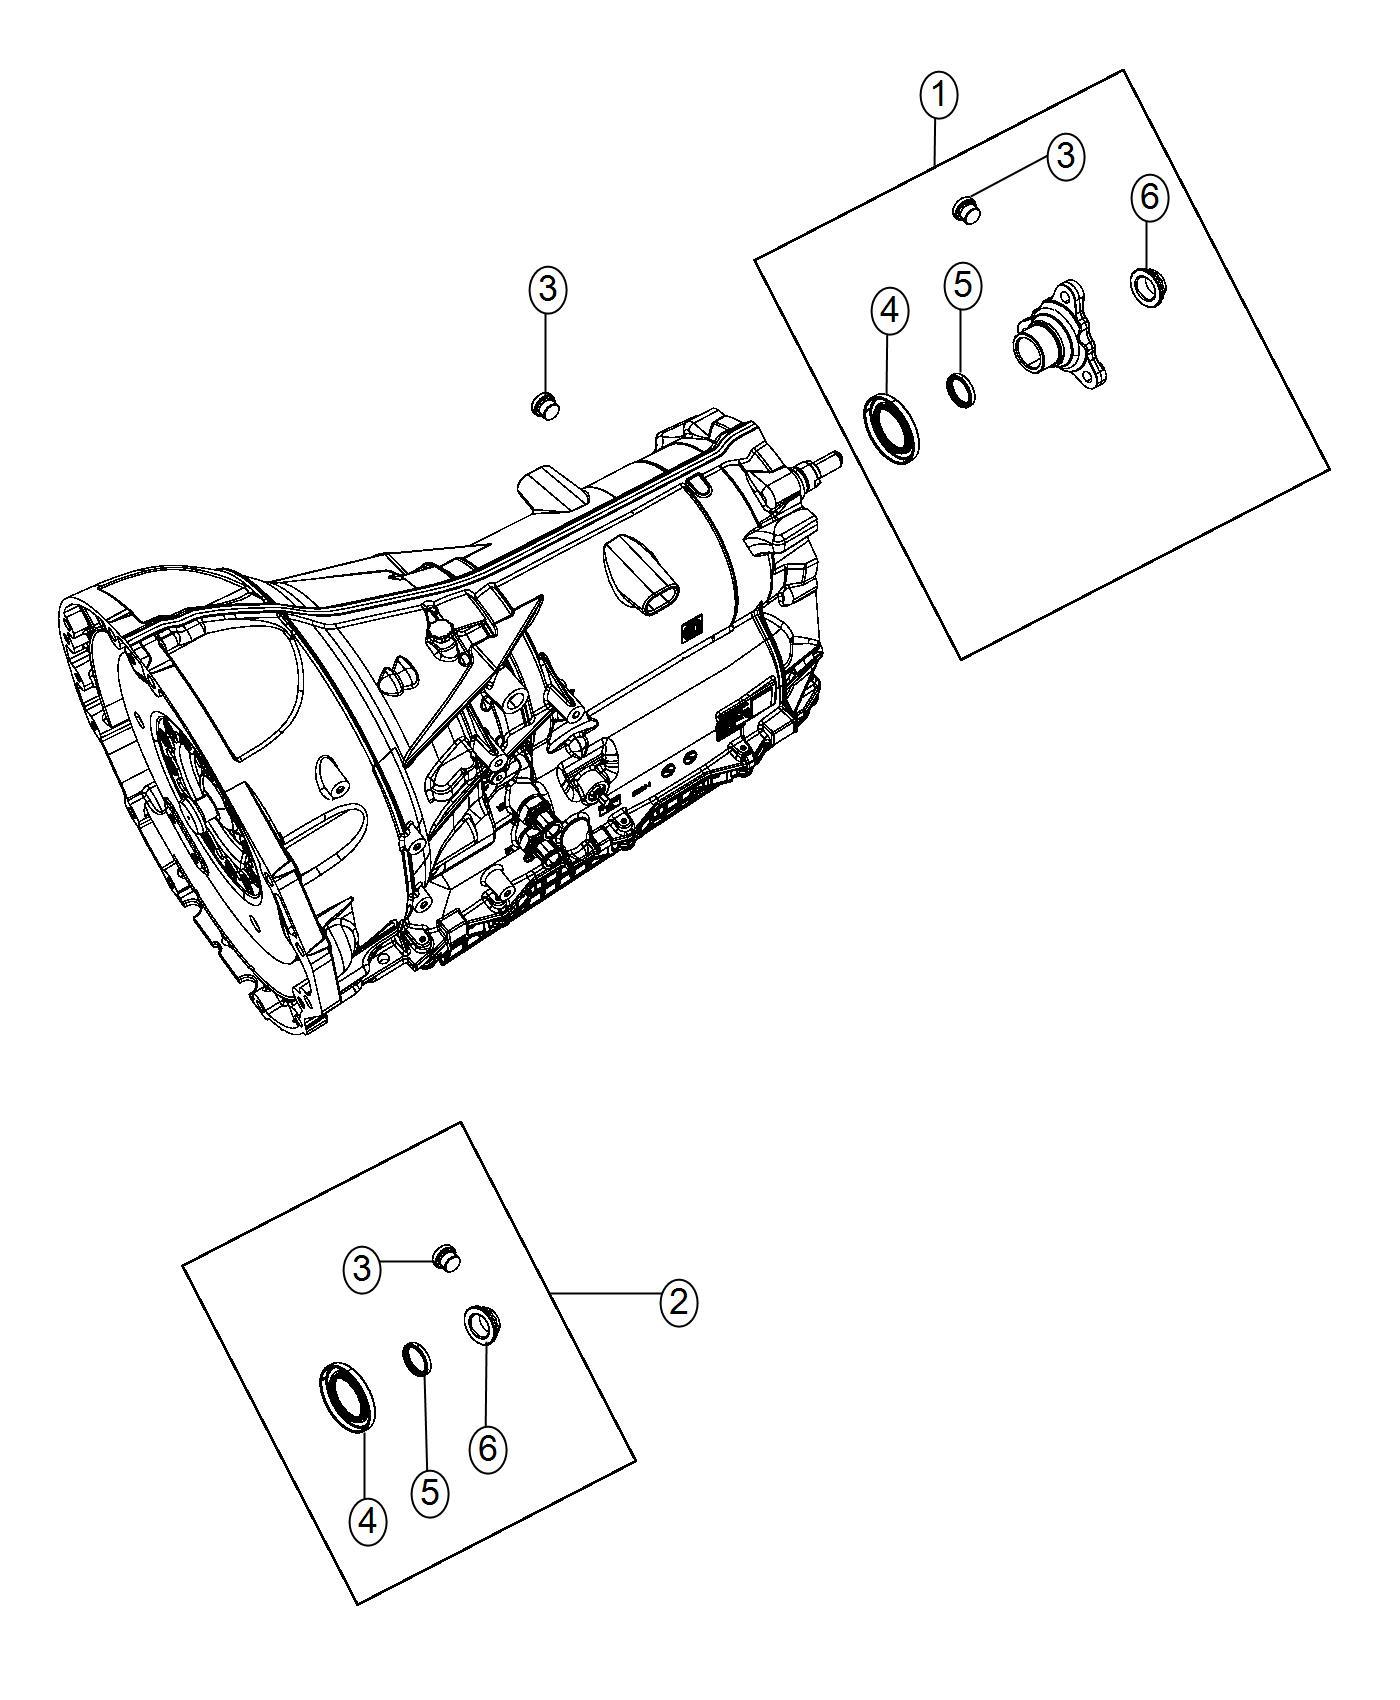 Dodge Charger Seal. Output shaft. [transbrake